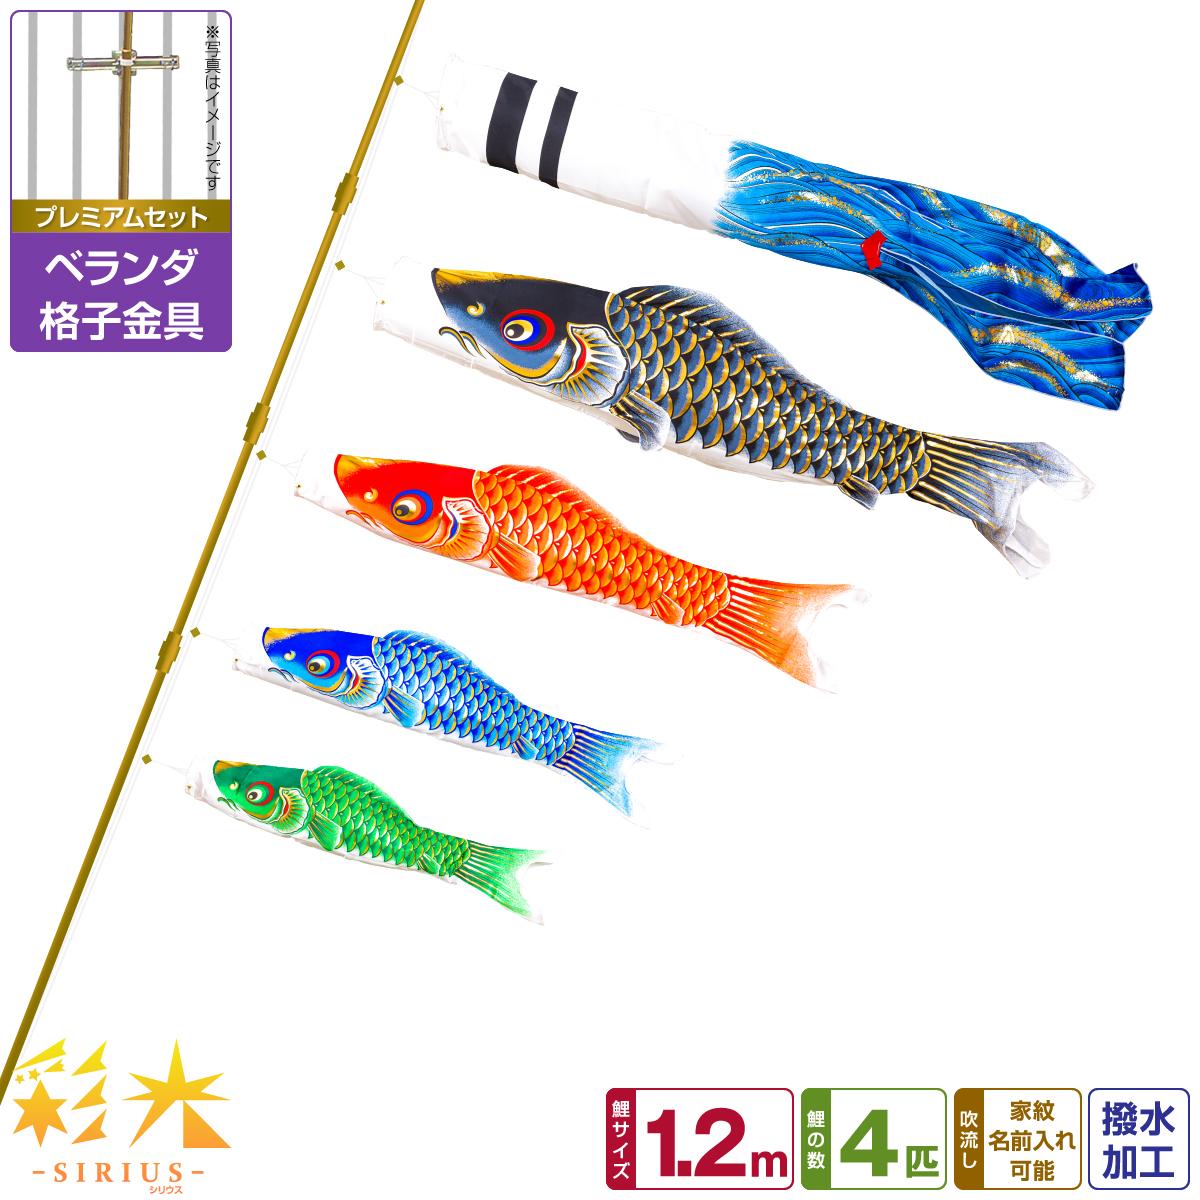 ベランダ用 こいのぼり 鯉のぼり SIRIUS/彩光鯉 1.2m 7点(吹流し+鯉4匹+矢車+ロープ)/プレミアムセット(格子金具)